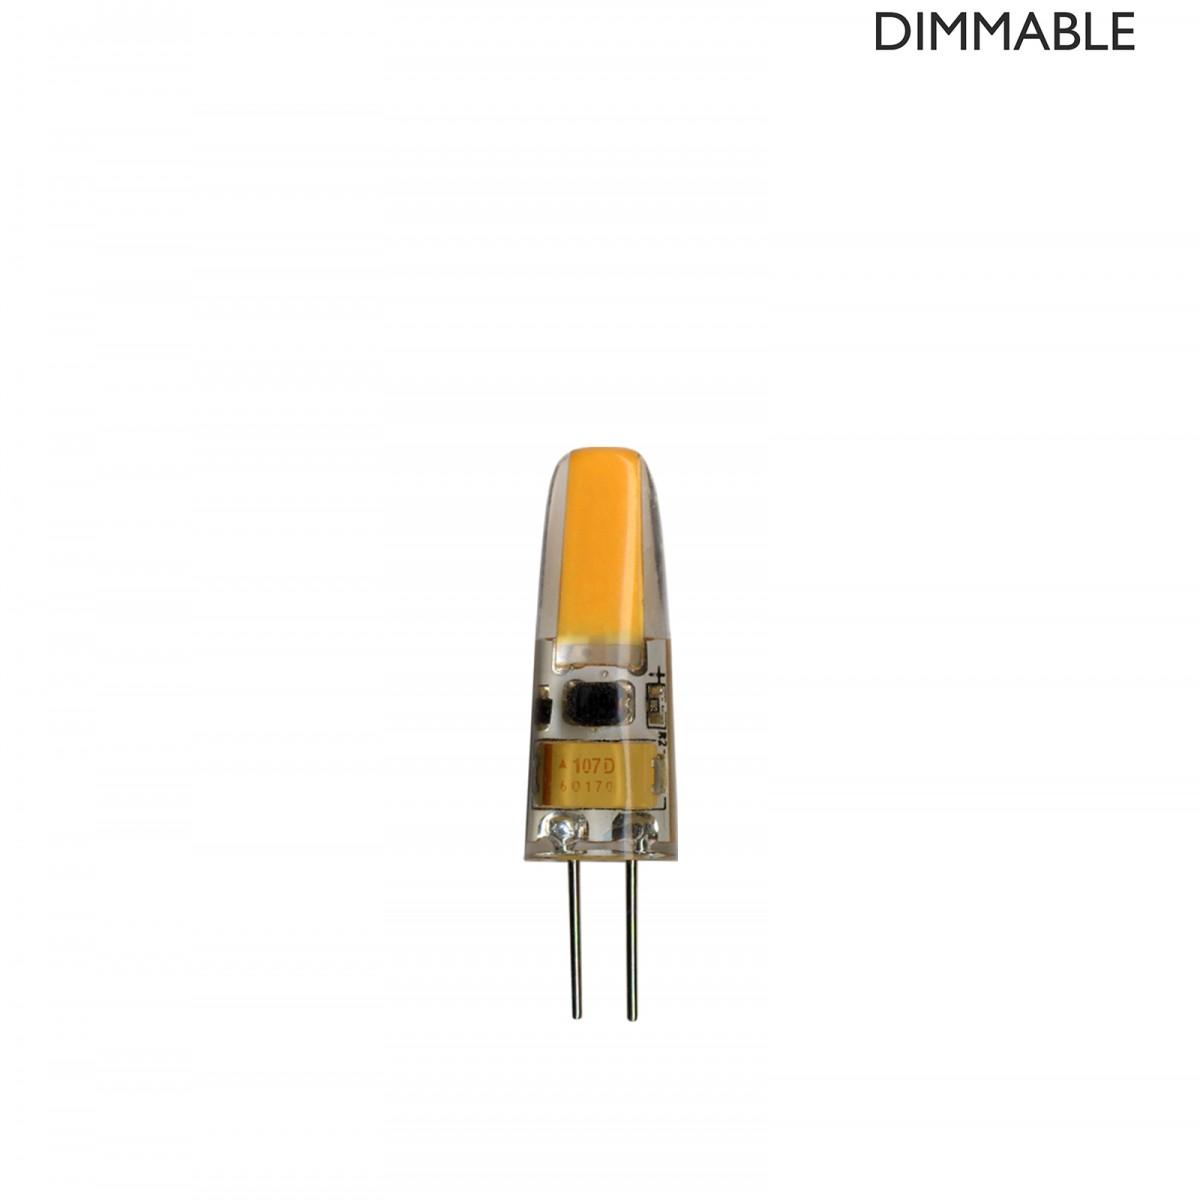 Bec LED dimabil L53, G4, 1cm, lumină caldă